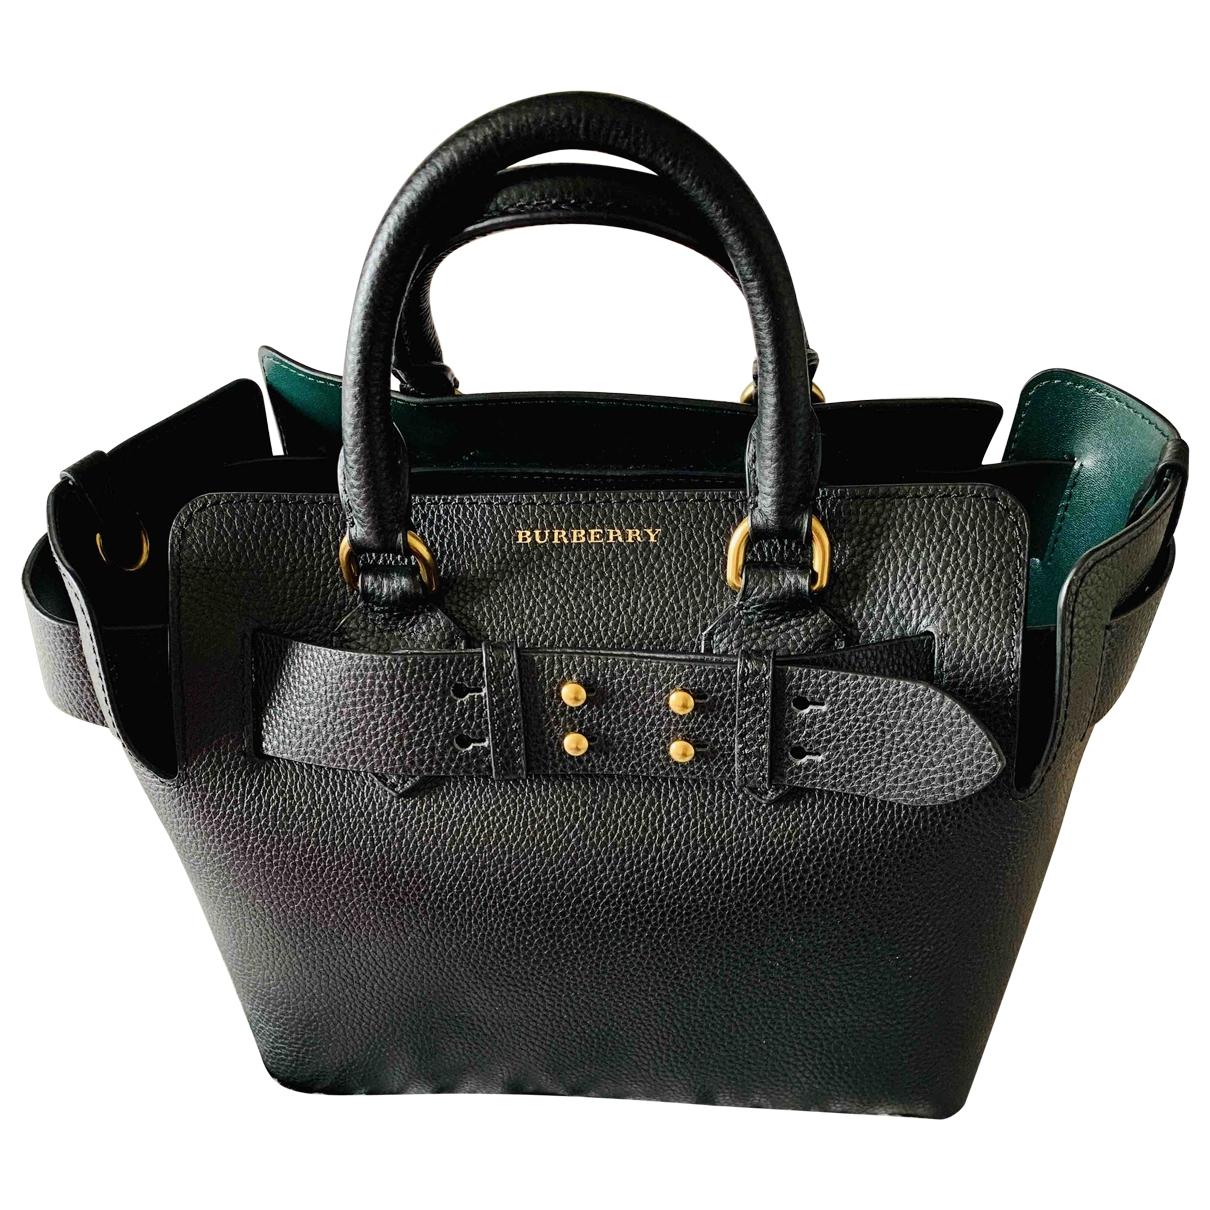 Burberry - Sac a main The Belt pour femme en cuir - noir